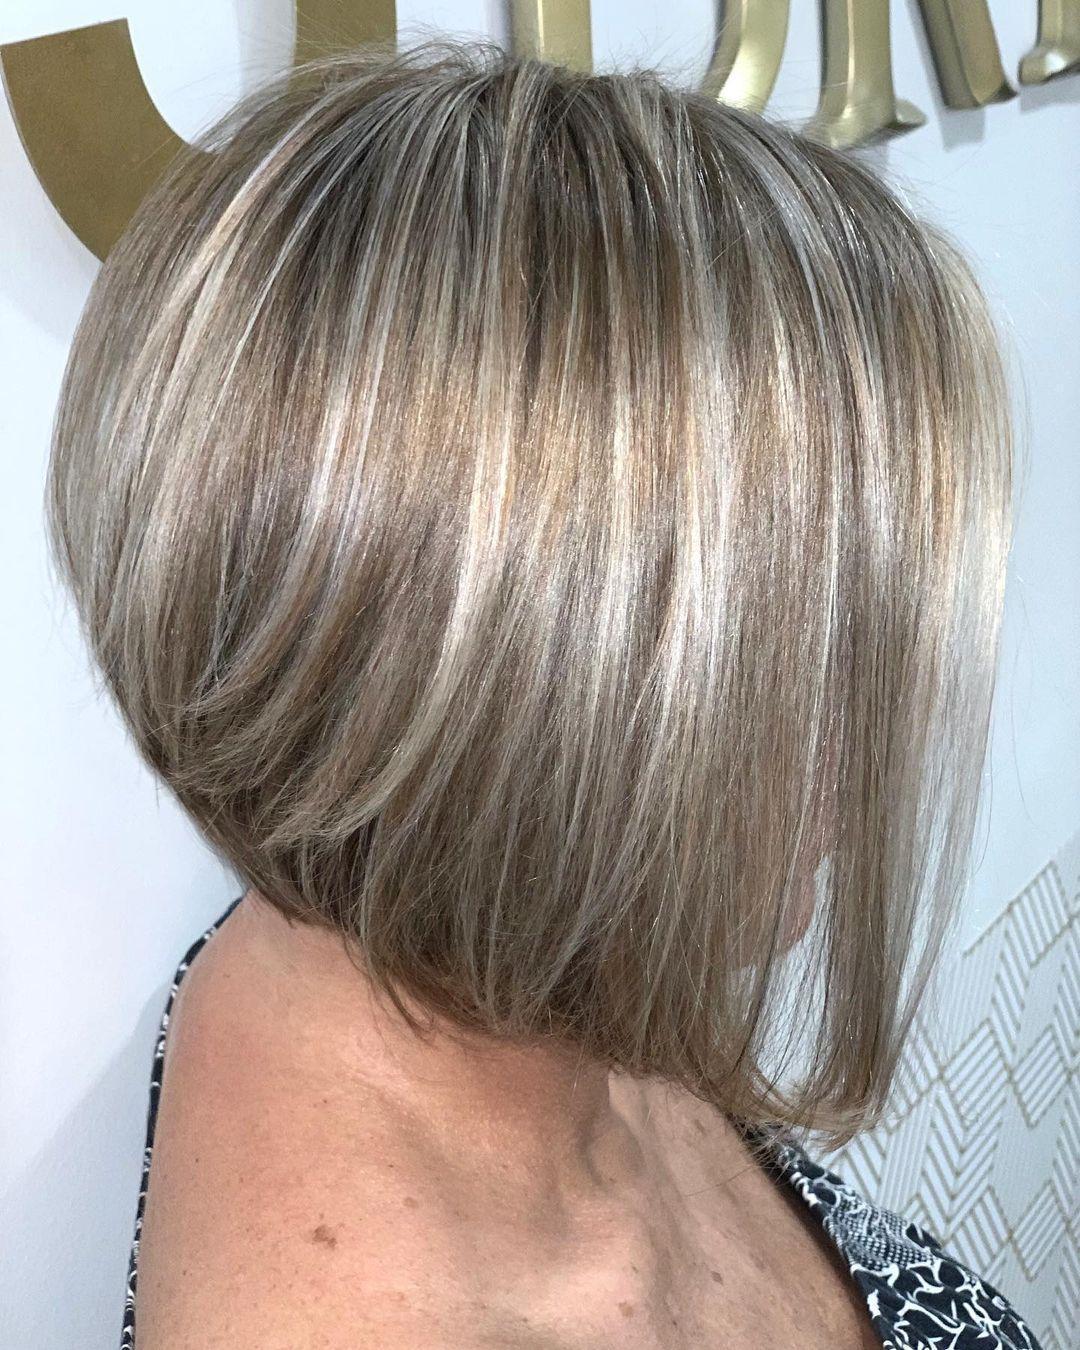 What's A Karen Haircut : what's, karen, haircut, Karen, Haircut, Anti-trends, Season, Home:, Author